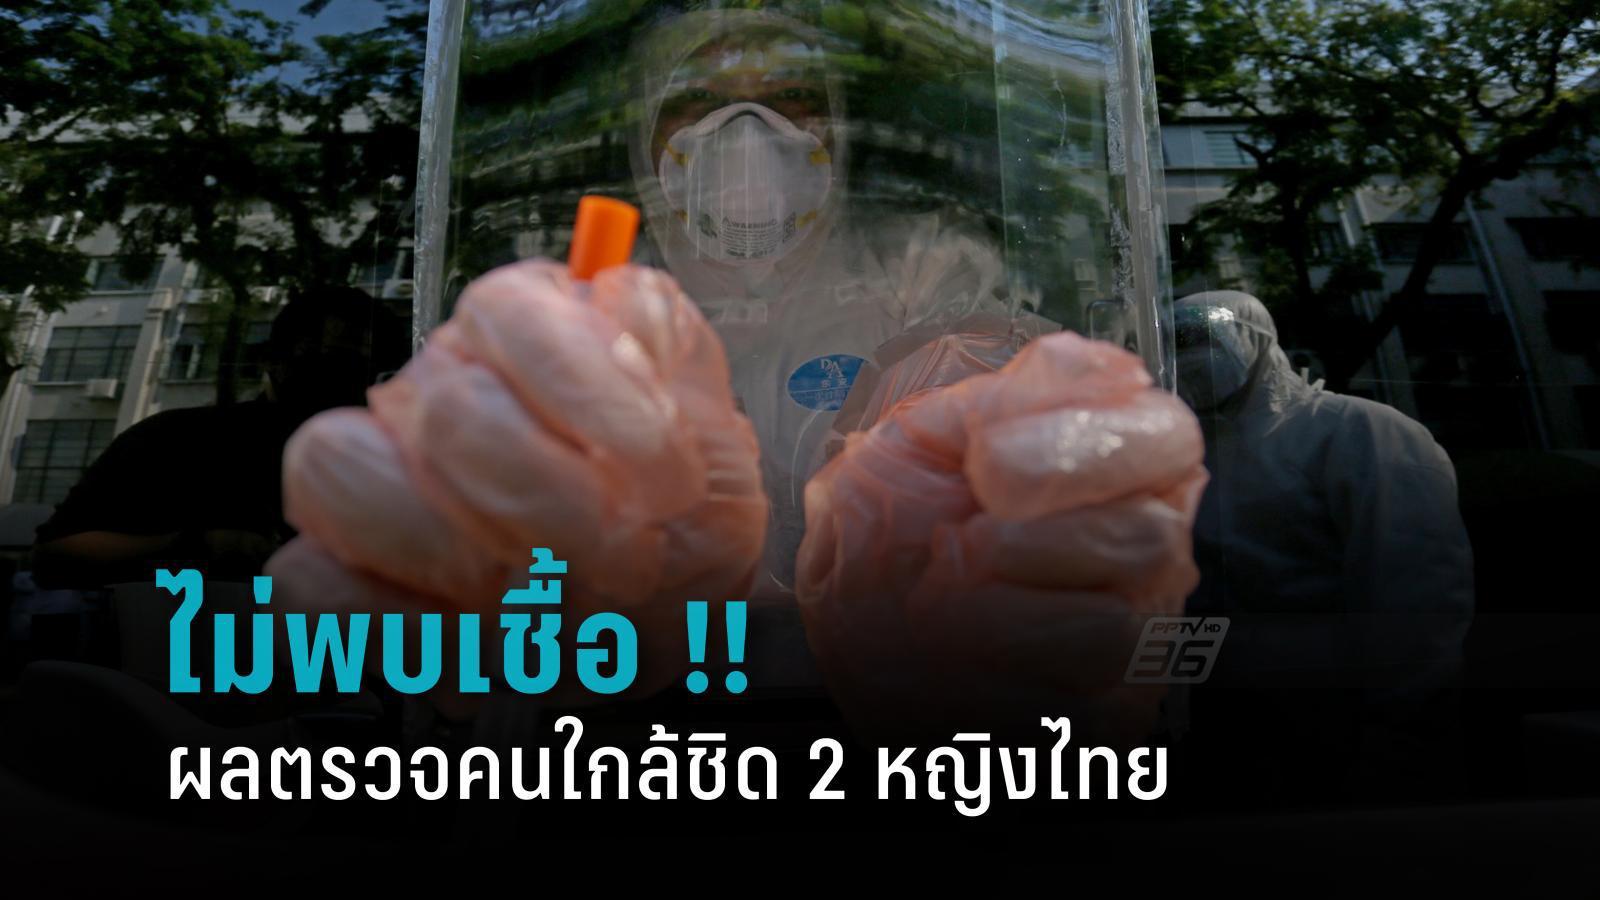 ผลป็นลบ !! ผลตรวจคนใกล้ชิด หญิงไทย 2 ราย 38 คน ไม่พบเชื้อโควิด-19